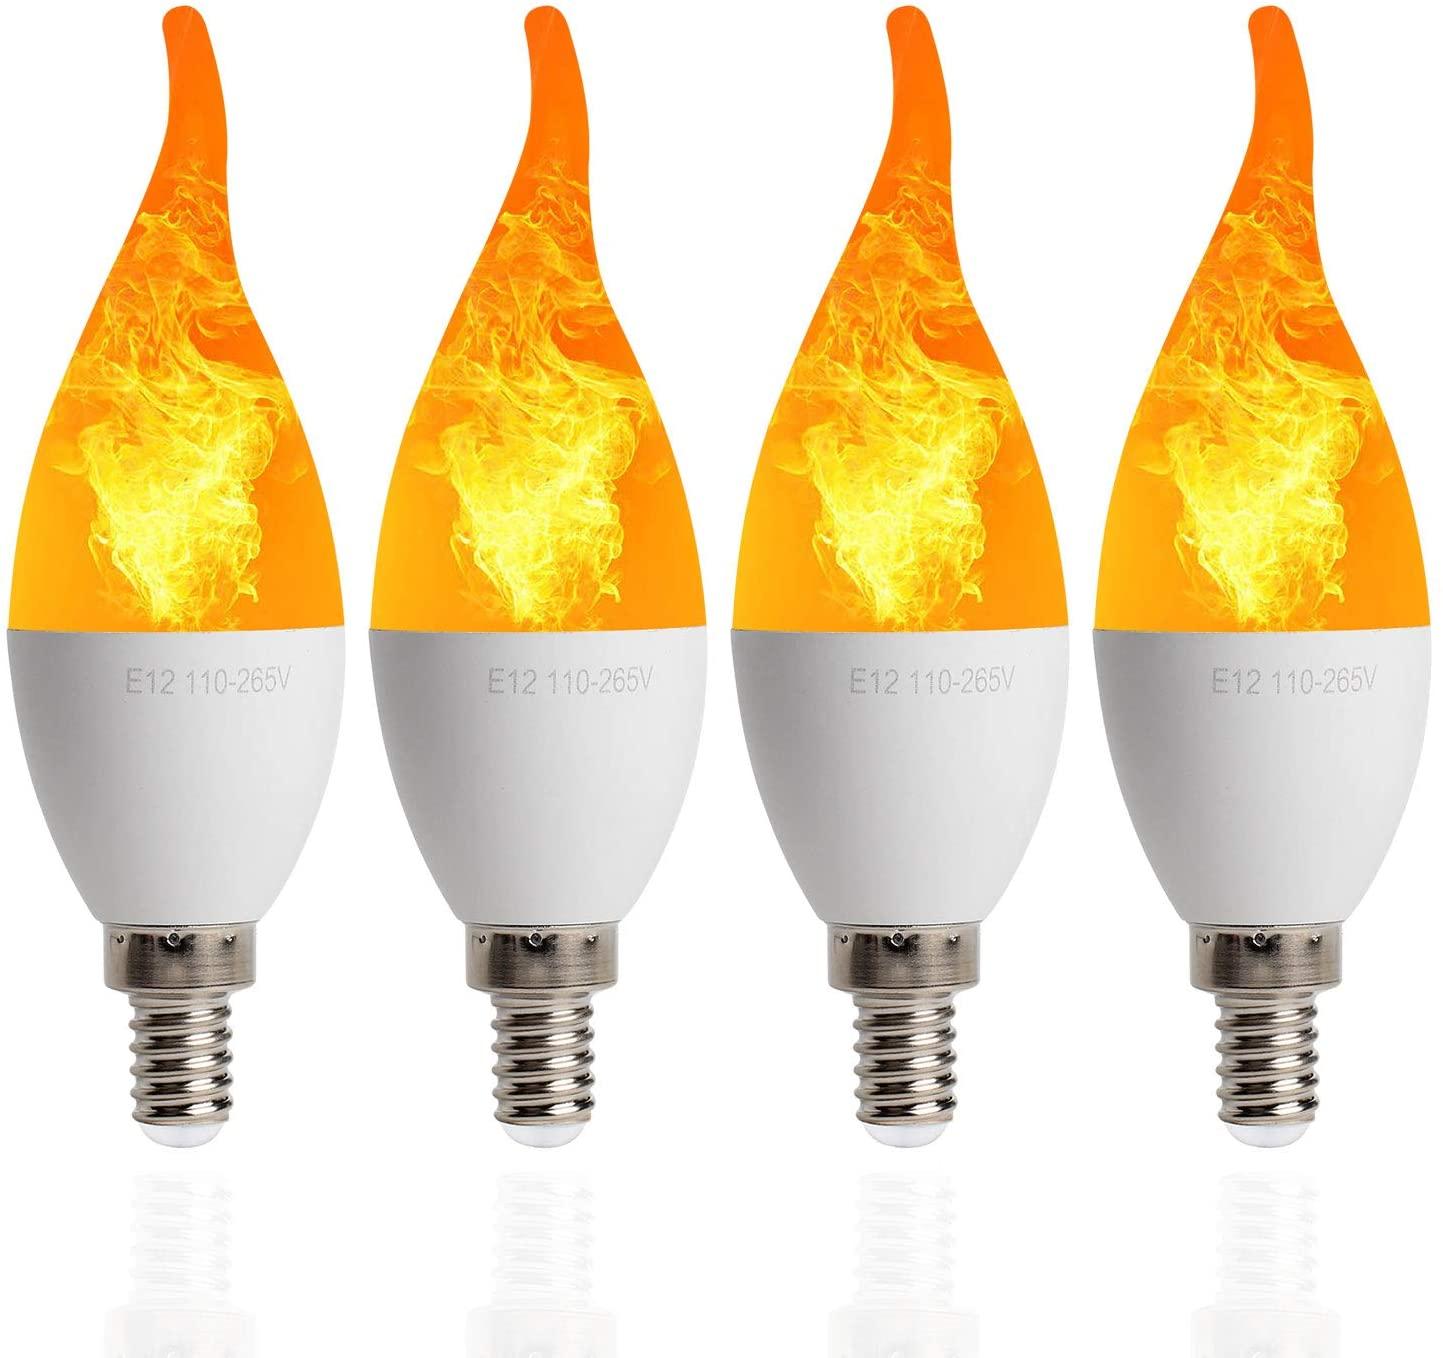 CRLight LED Flame Light